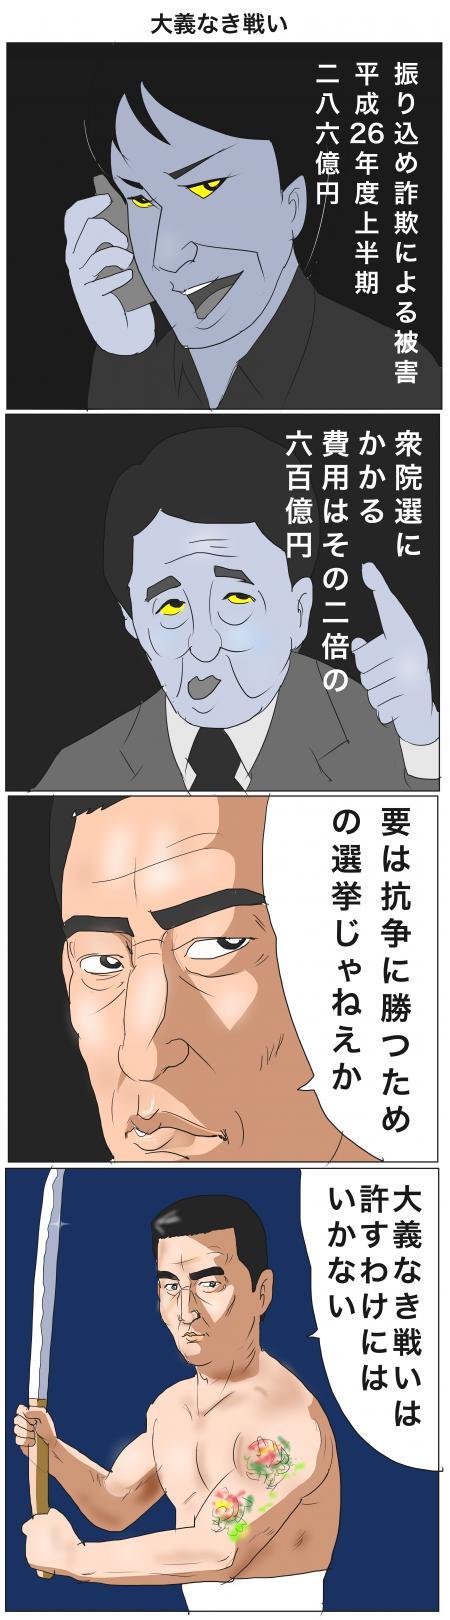 仁義無き戦い+のコピー_convert_20141119232727